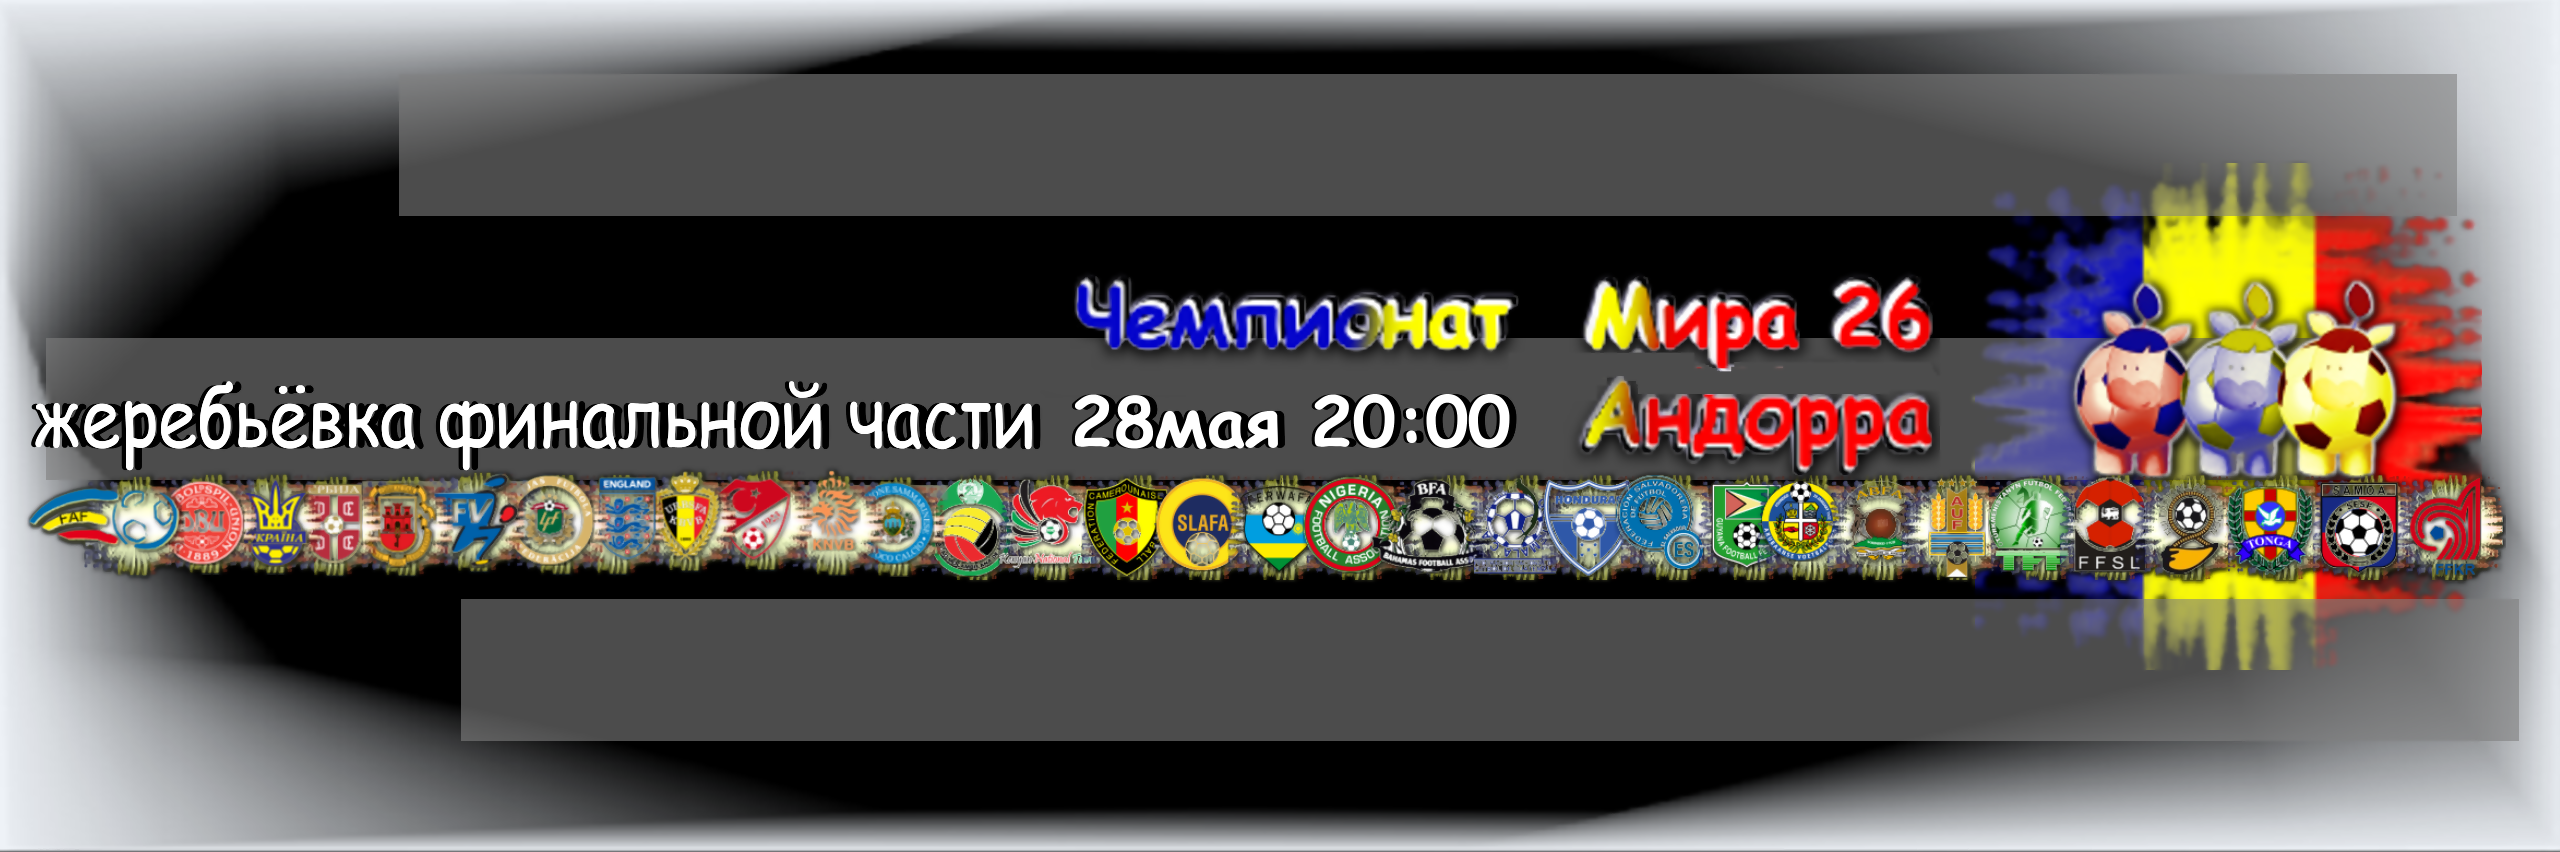 butsa.ru